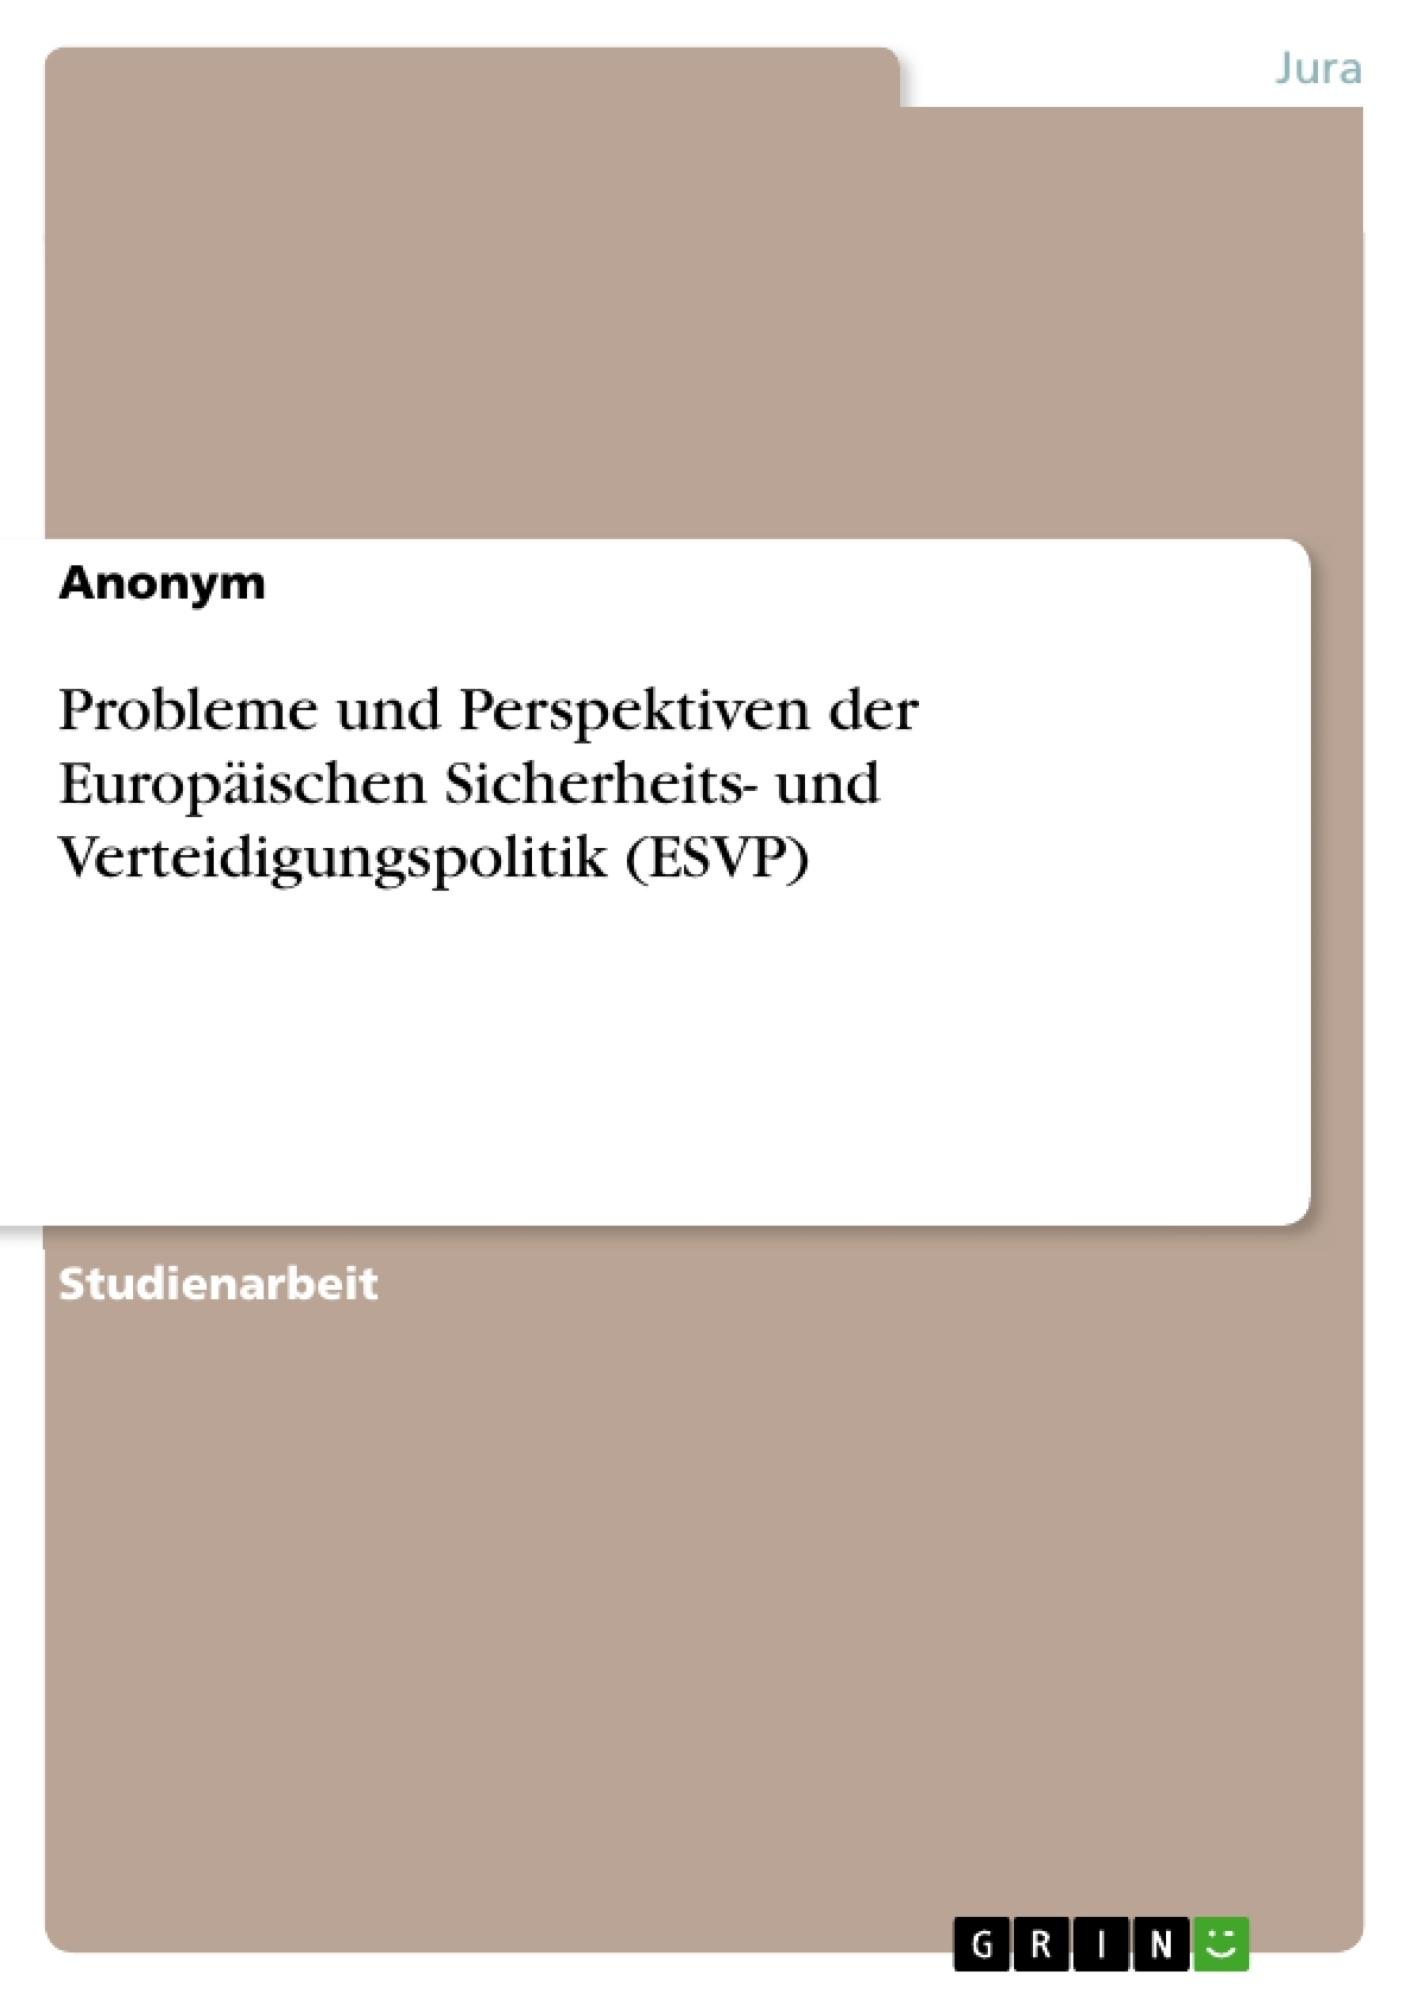 Titel: Probleme und Perspektiven der Europäischen Sicherheits- und Verteidigungspolitik (ESVP)